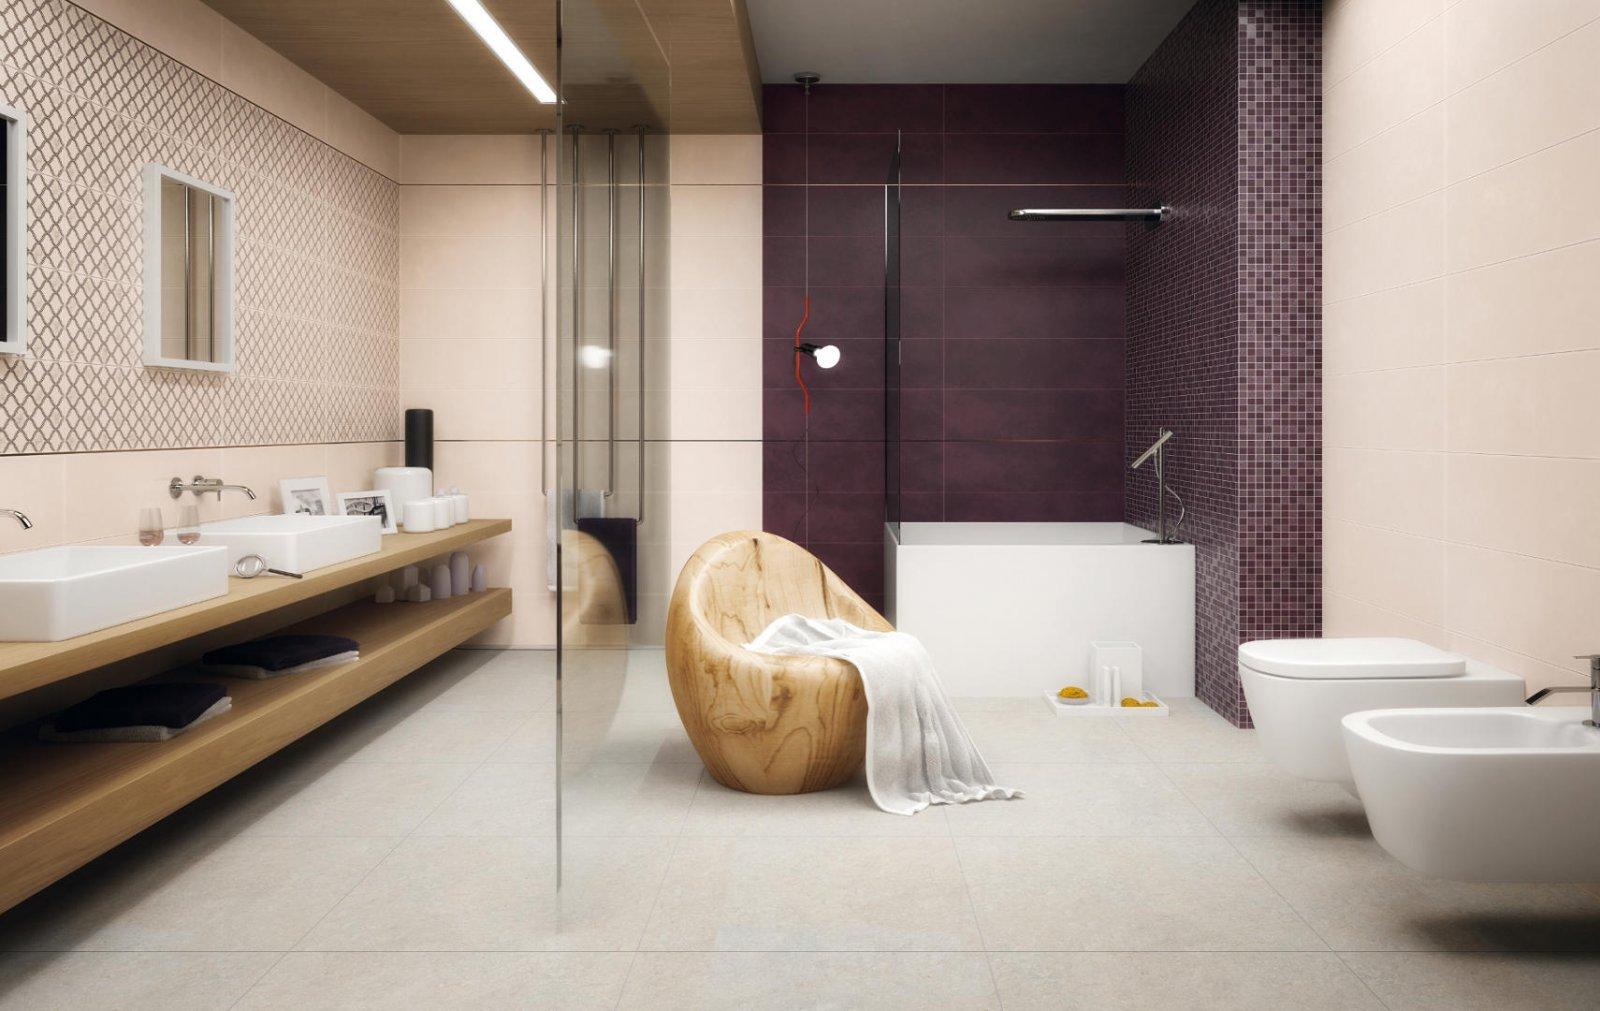 Cuartos de ba o ecol gicos - Tendencias en cuartos de bano ...